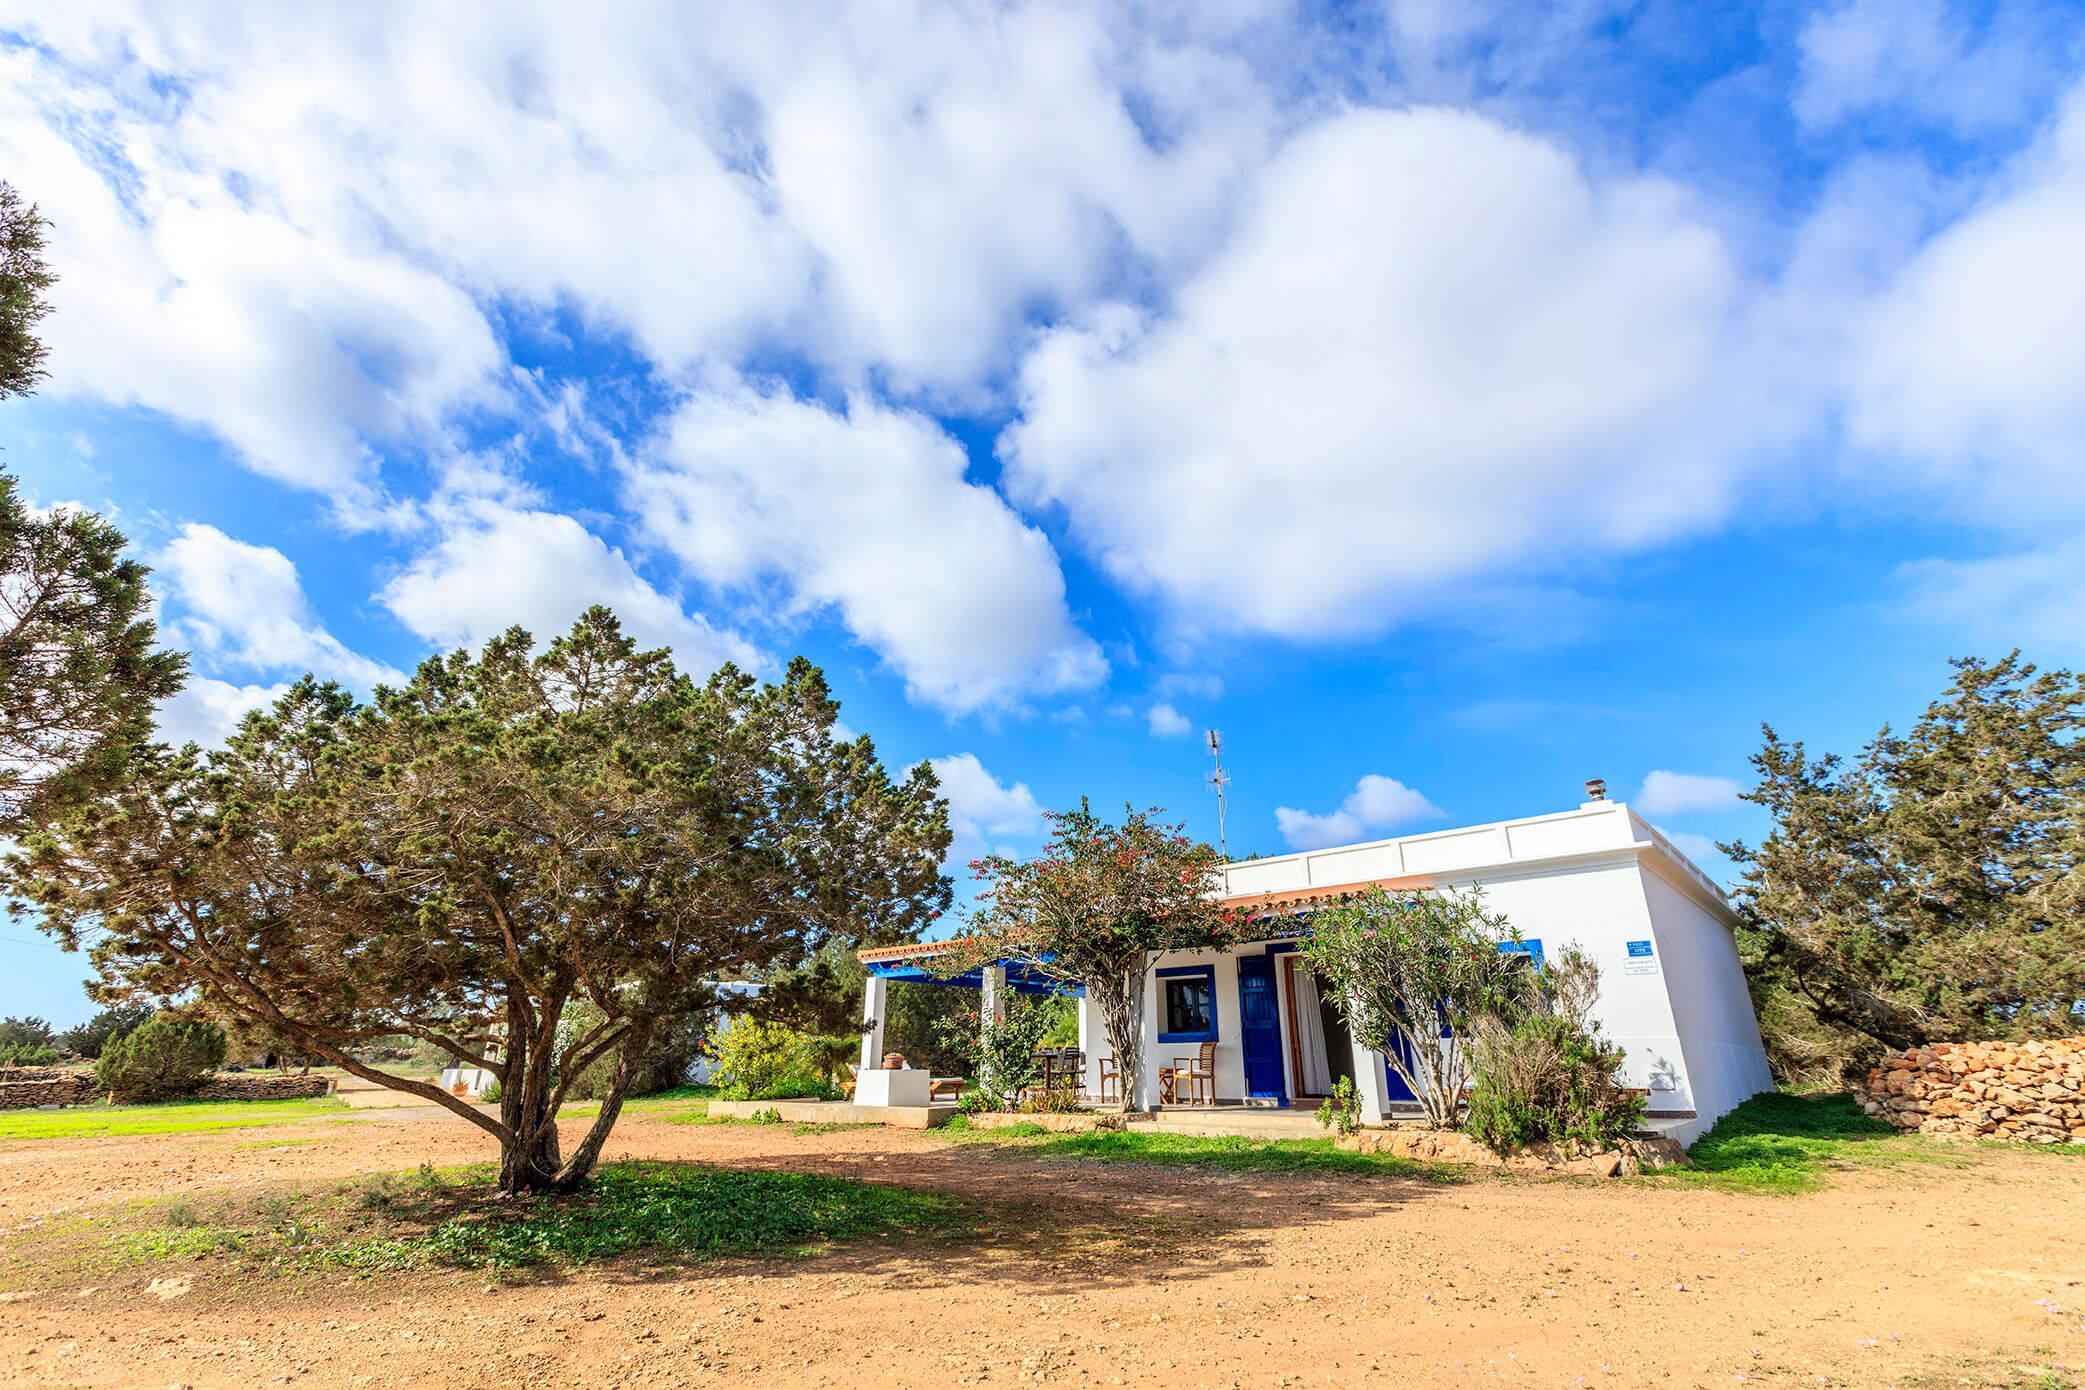 Casa rural con jardín en Formentera. Entorno rural. Alojamientos turísticos Cardona. Can Carlets